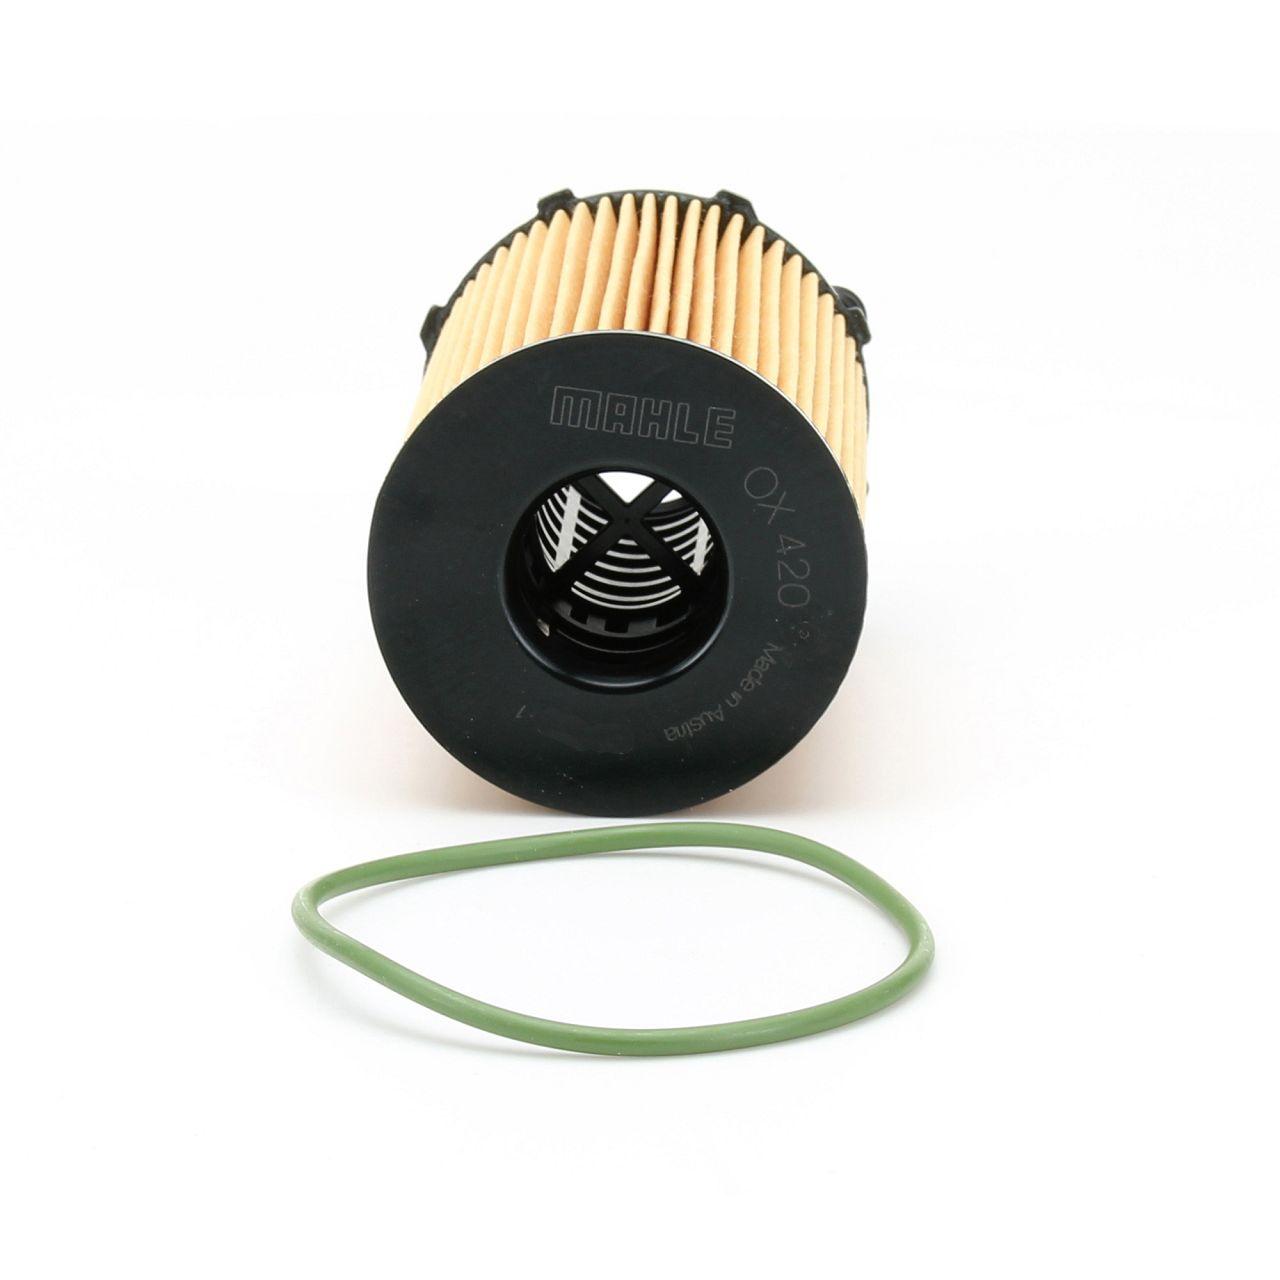 Inspektionskit Filterpaket Filterset für AUDI A7 A6 4G C7 3.0 TDI 204/245/313 PS